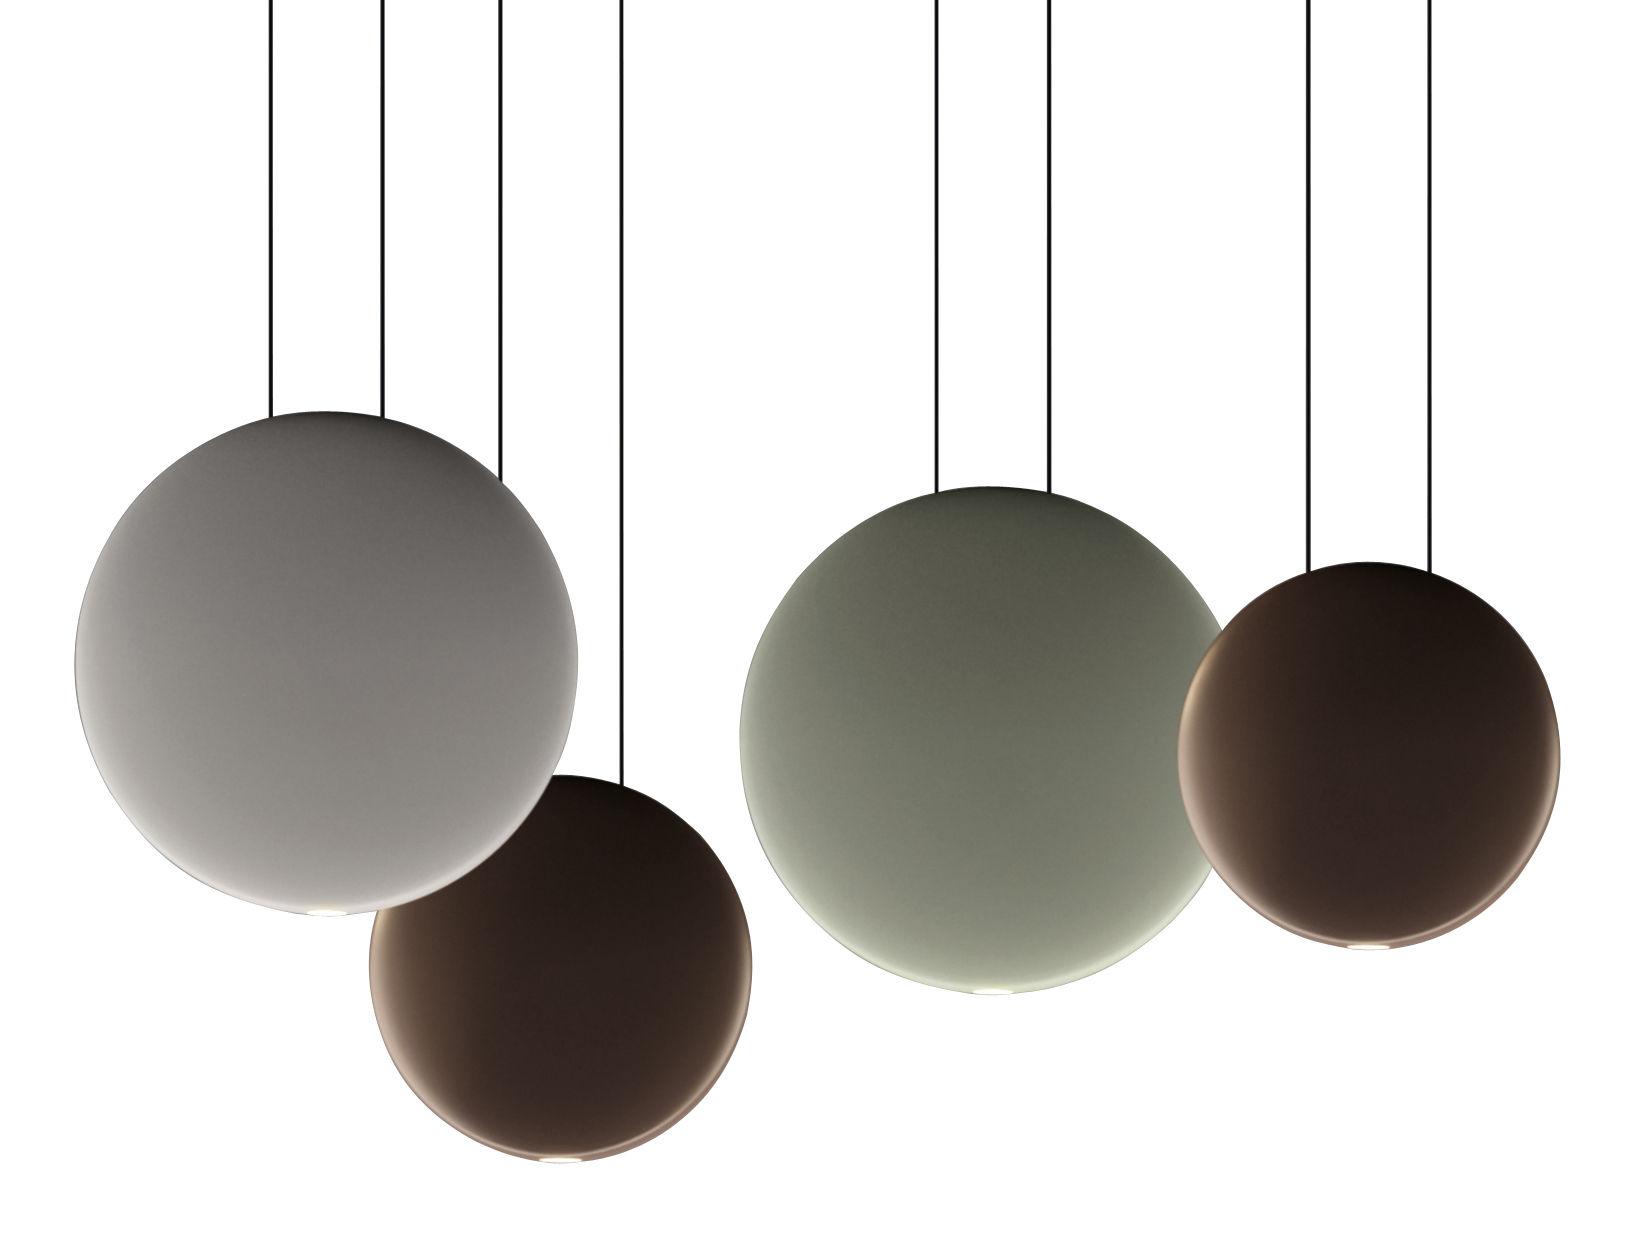 Luminaire - Suspensions - Suspension Cosmos LED / Set de 4 suspensions - L 76 cm - Vibia - Vert Ø27 / Gris Ø27 / 2 x Chocolat Ø19 - Polycarbonate